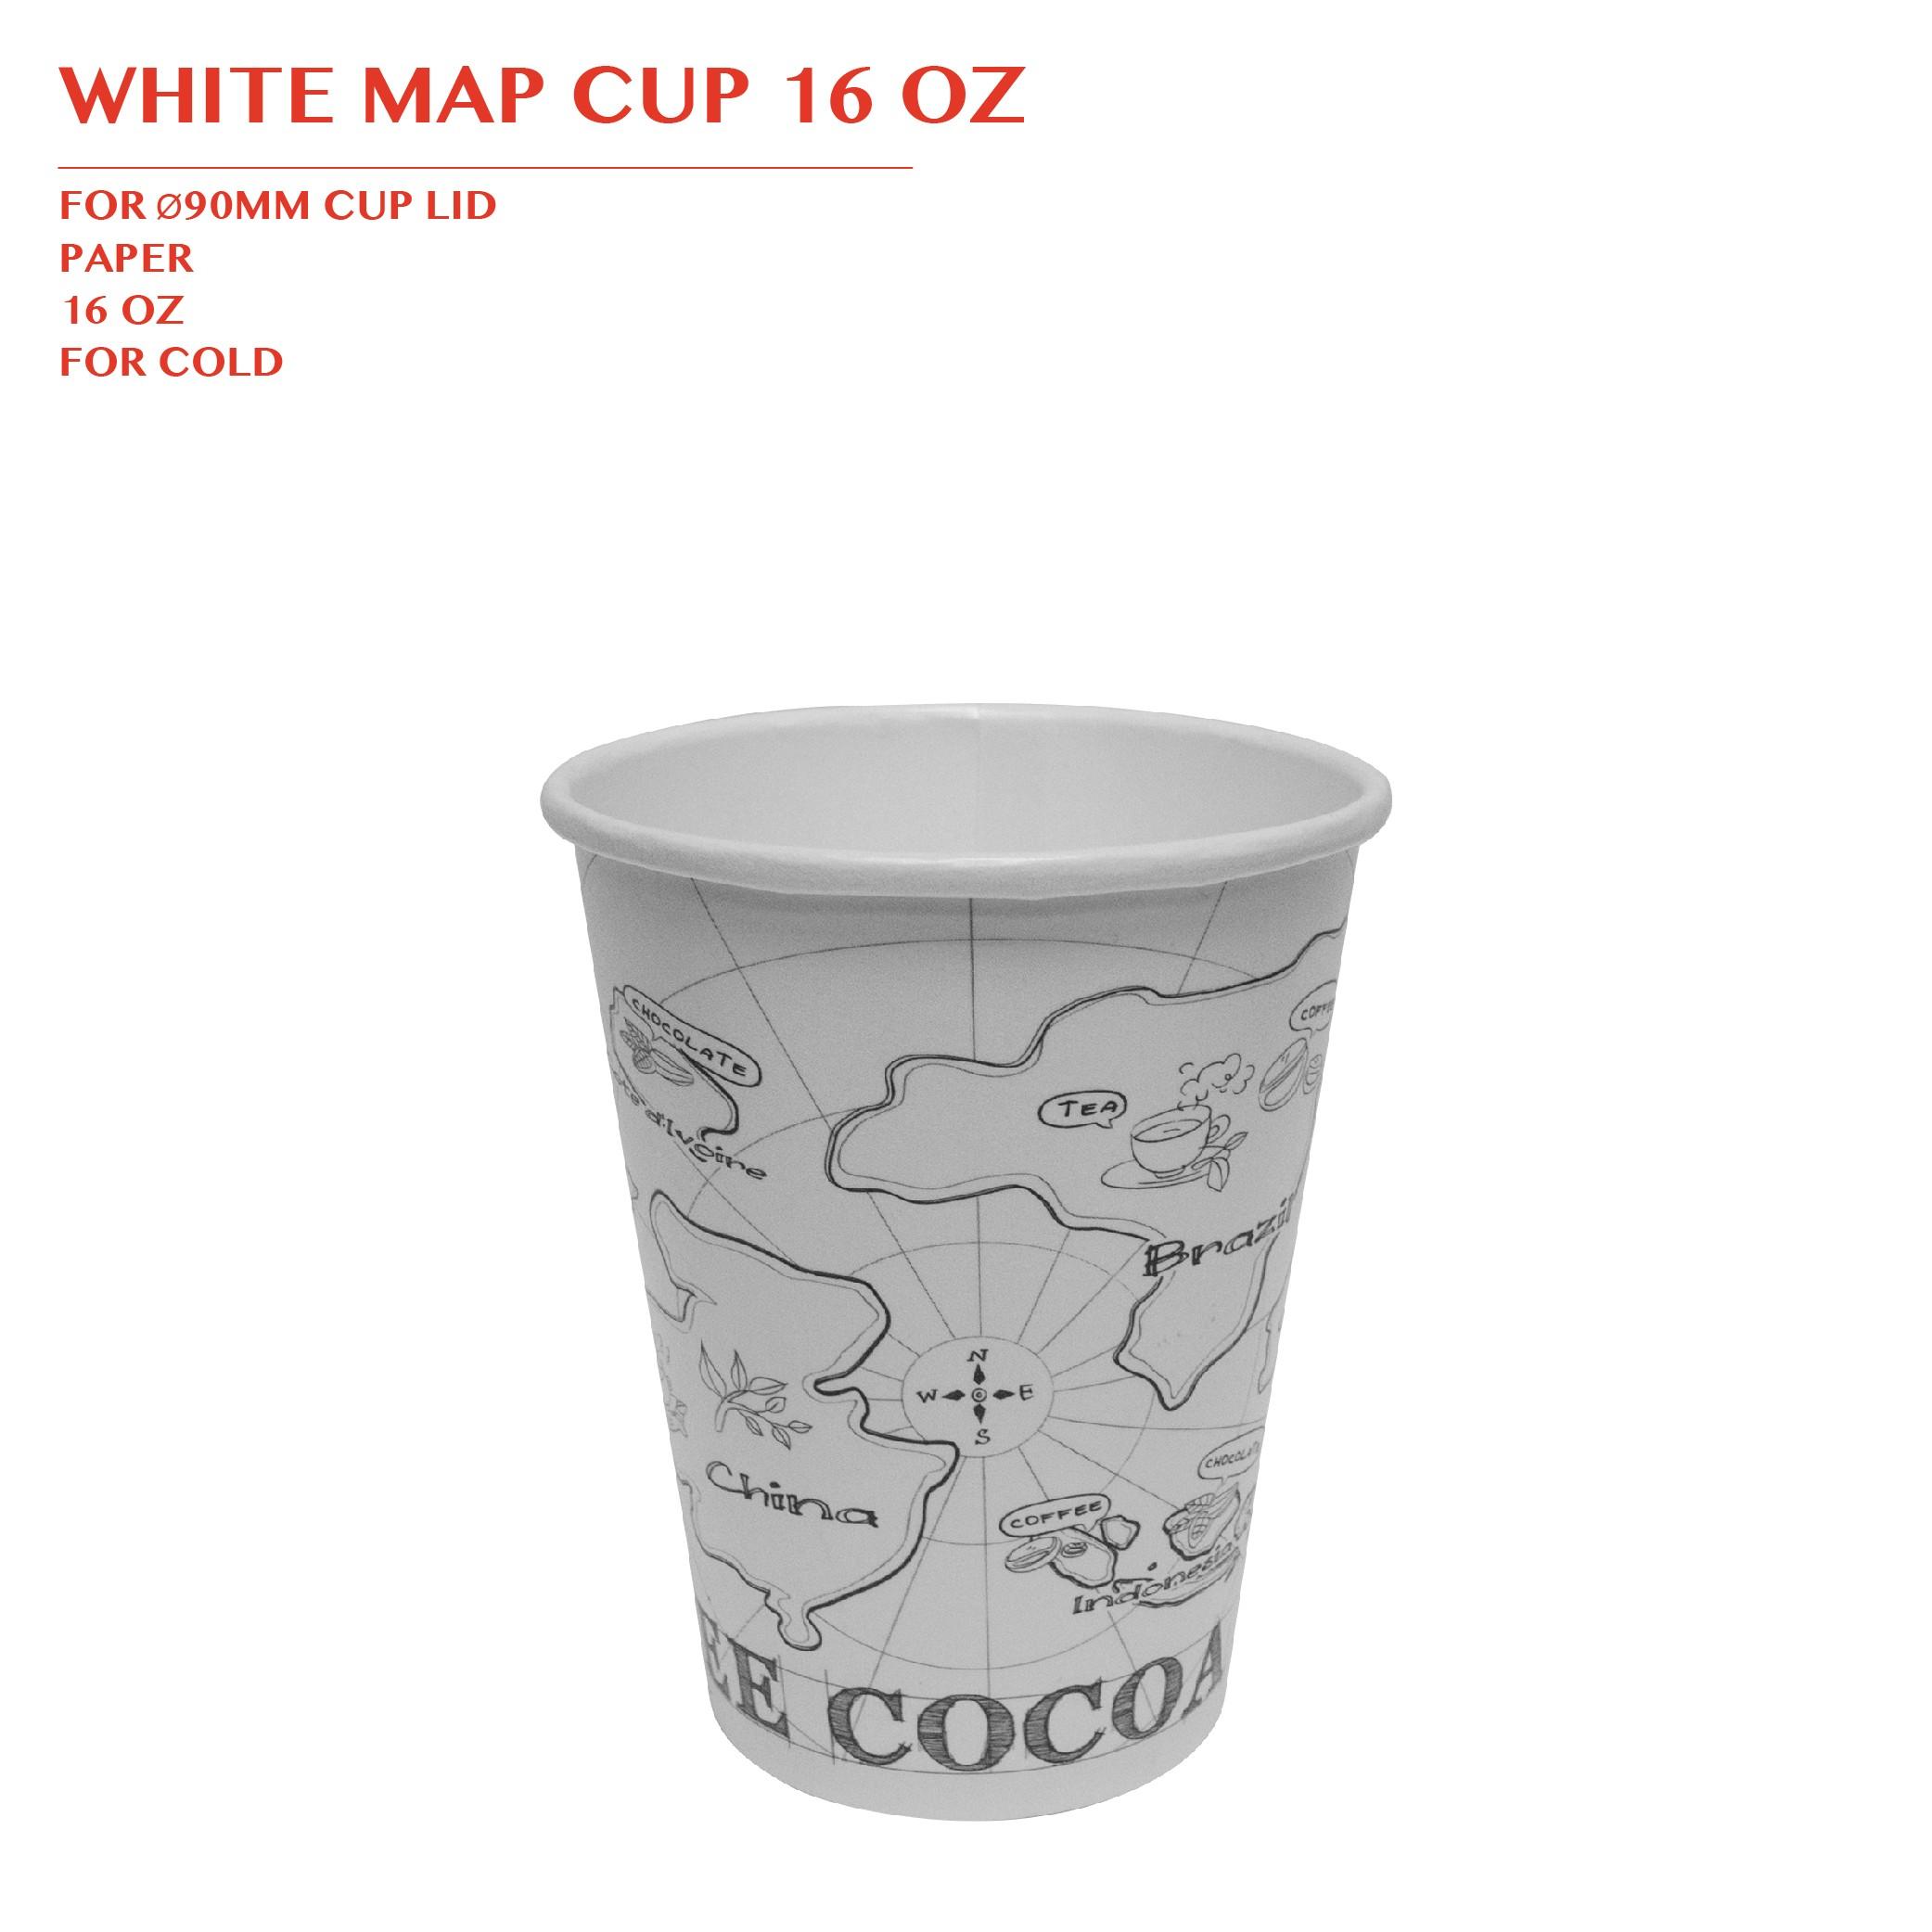 PRE-ORDER WHITE MAP CUP 16 OZ 1000PCS/CTN